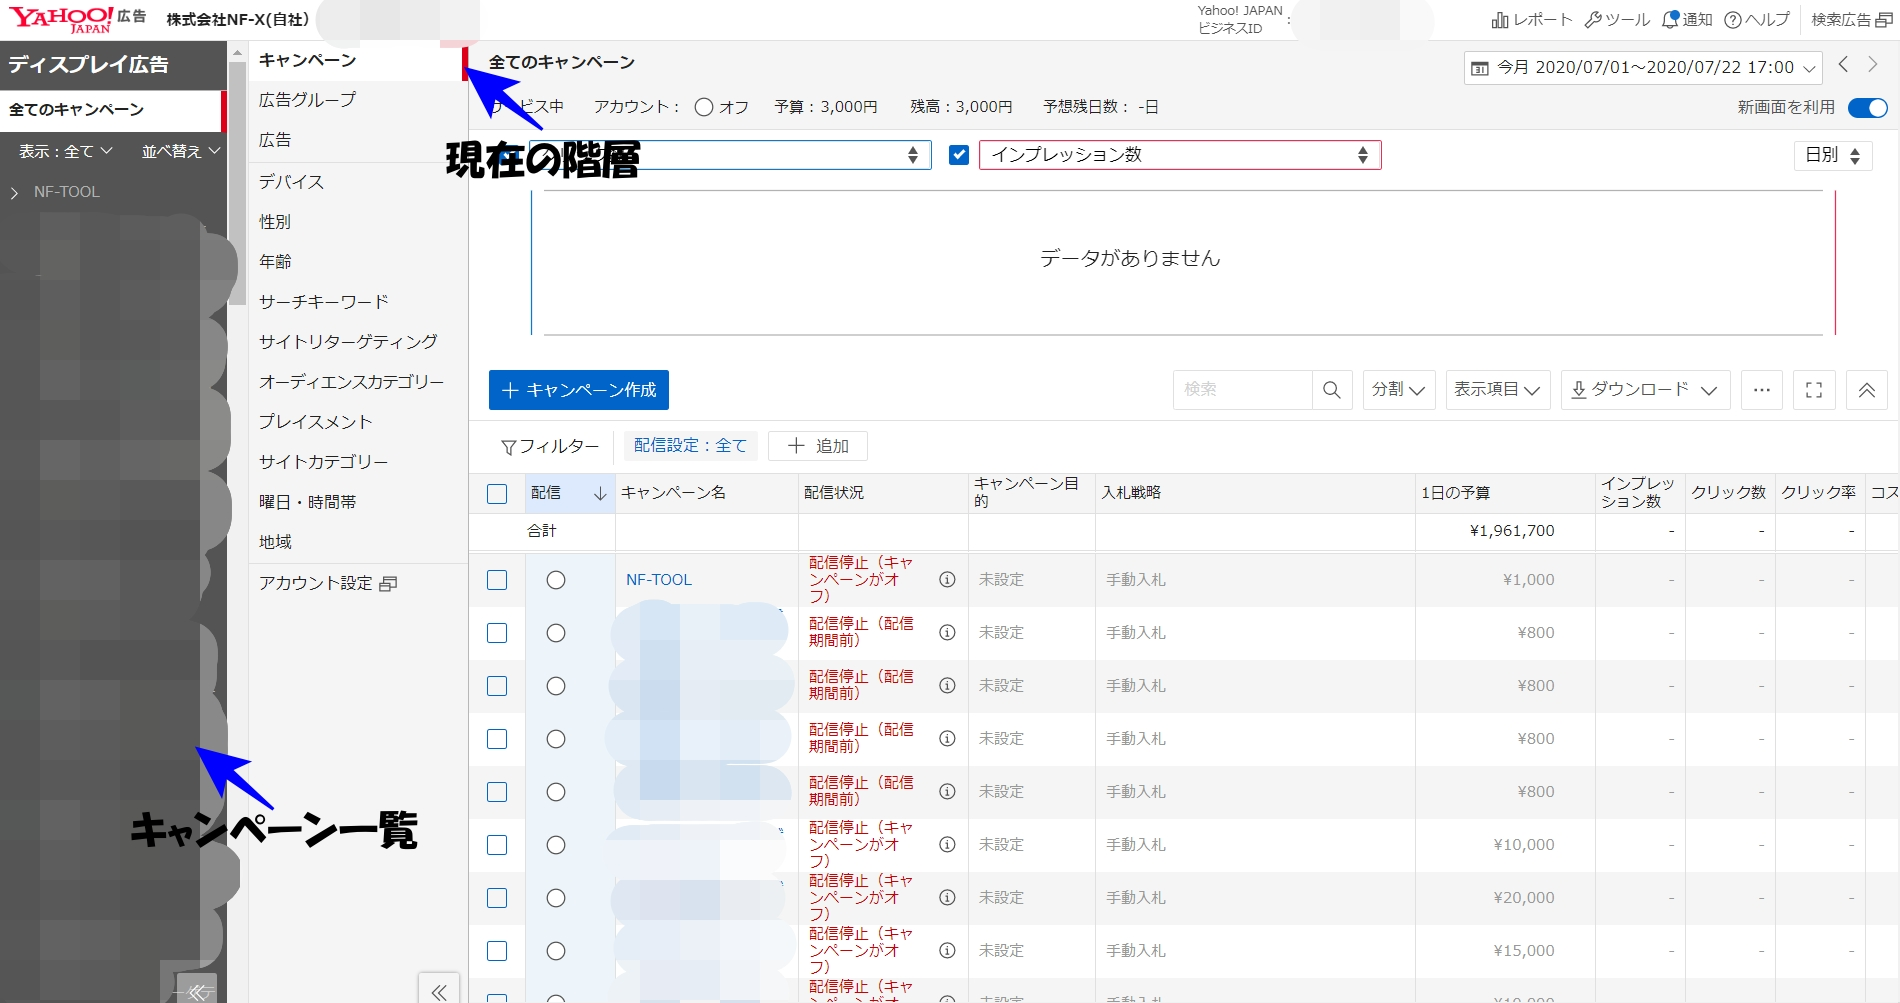 【図解でわかる】YDNからYDAへの変換手順と注意点を紹介!【Yahooディスプレイ広告】